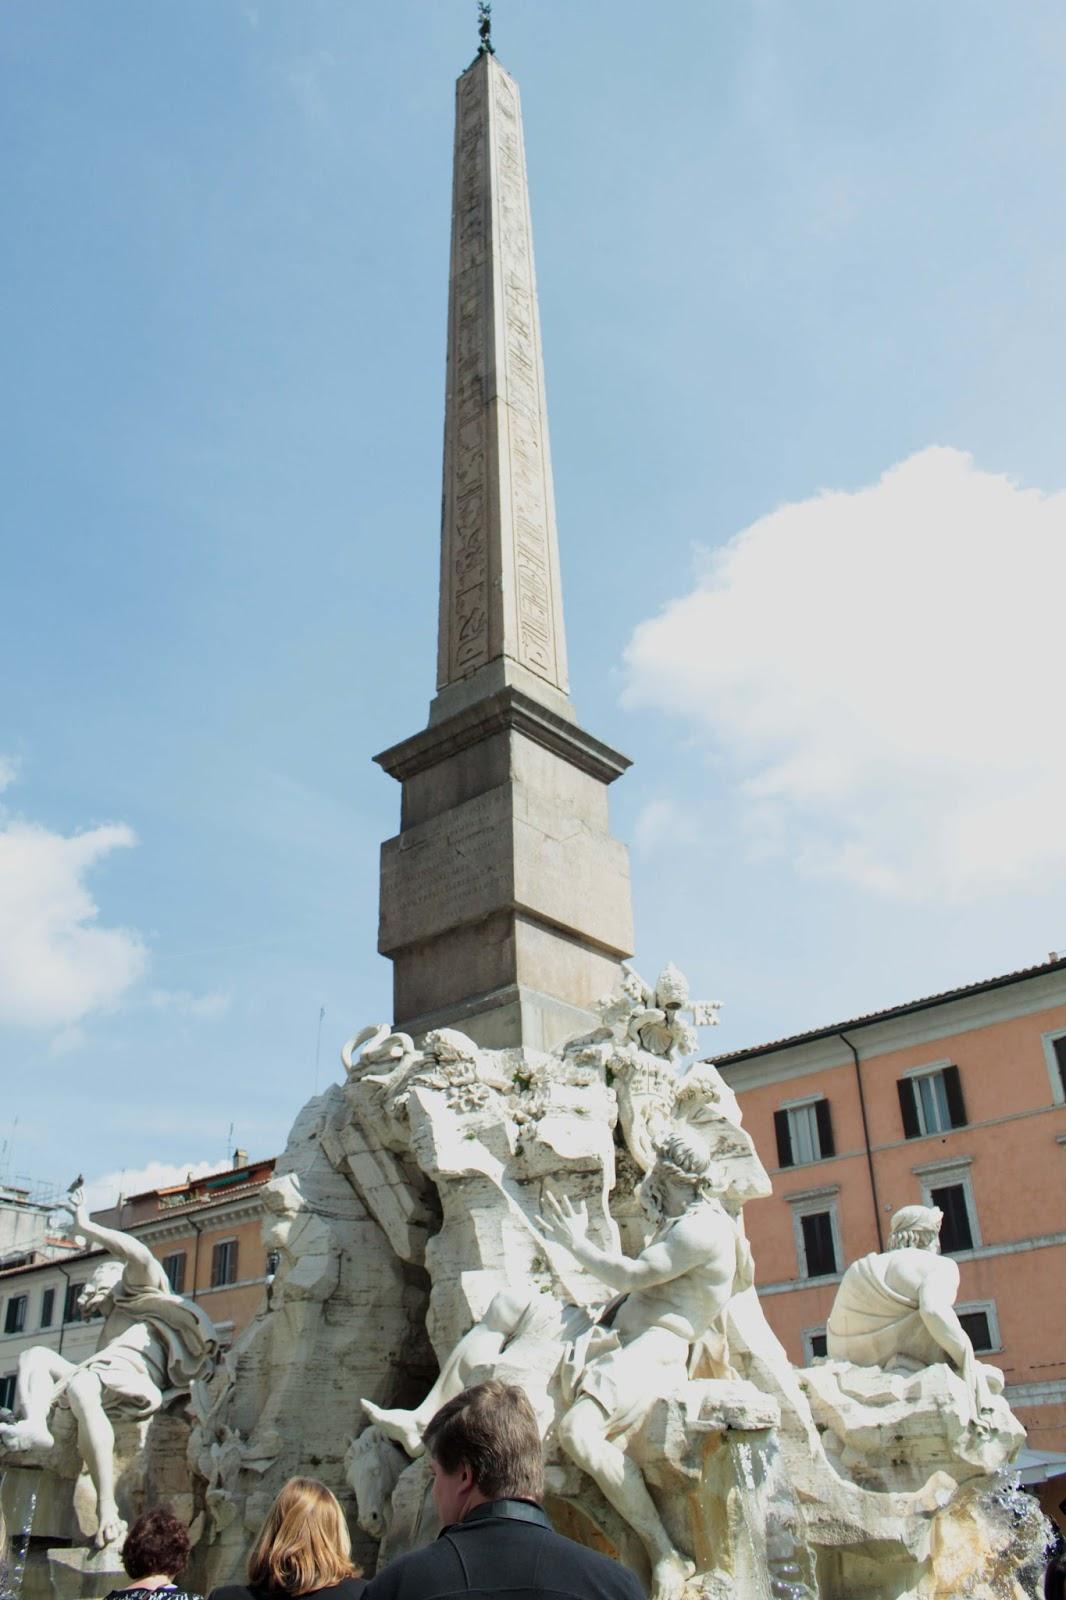 fontana de quattro fiumi palazza navona fontana de quattro fiumi palazza navona uk travel blogger in rome